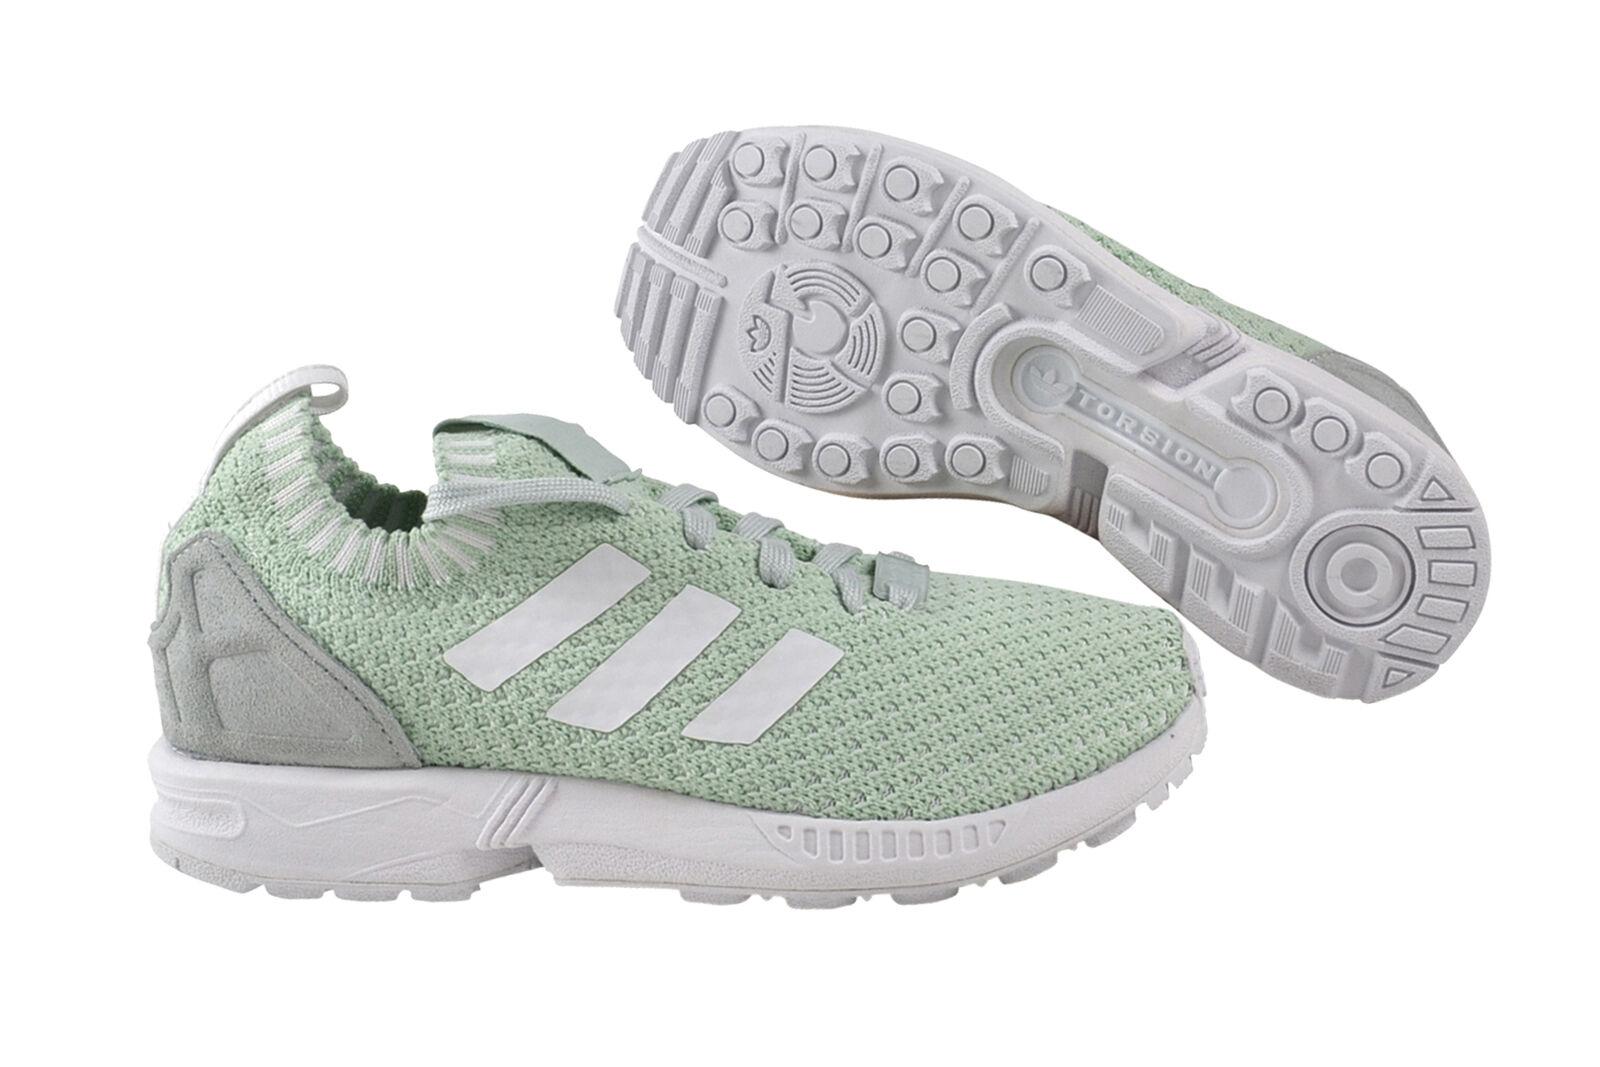 Adidas ZX Flux PK Damens vapor green Wei  Sneaker Schuhe grün weiß S81899